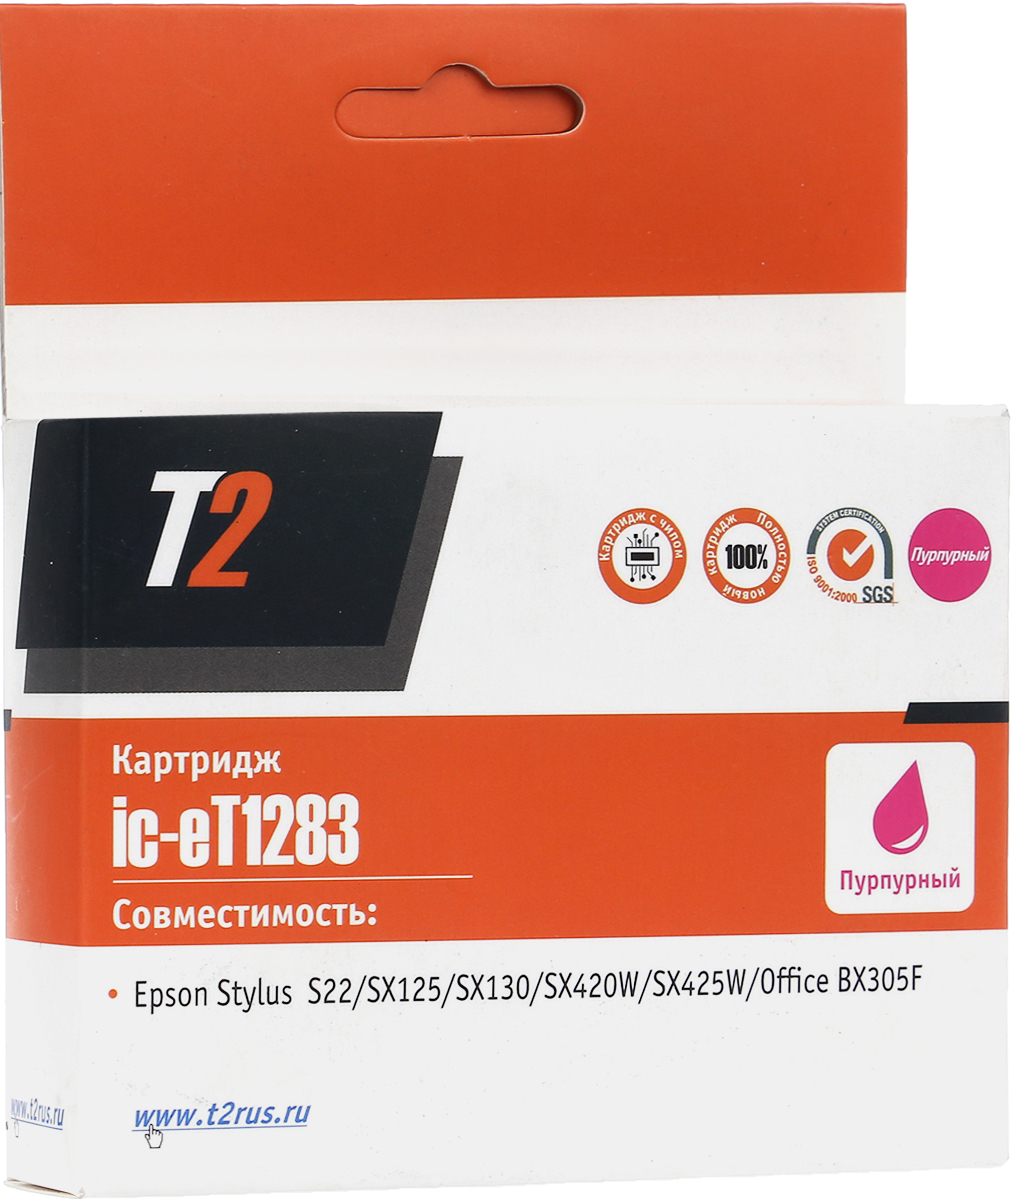 T2 IC-ET1283 (аналог T12834010), Magenta картридж для Epson Stylus S22/SX125/SX130/SX420W/SX425W/Office BX305F картридж t2 ic et1284 yellow для epson stylus s22 sx125 sx130 sx230 sx420w office bx305f с чипом